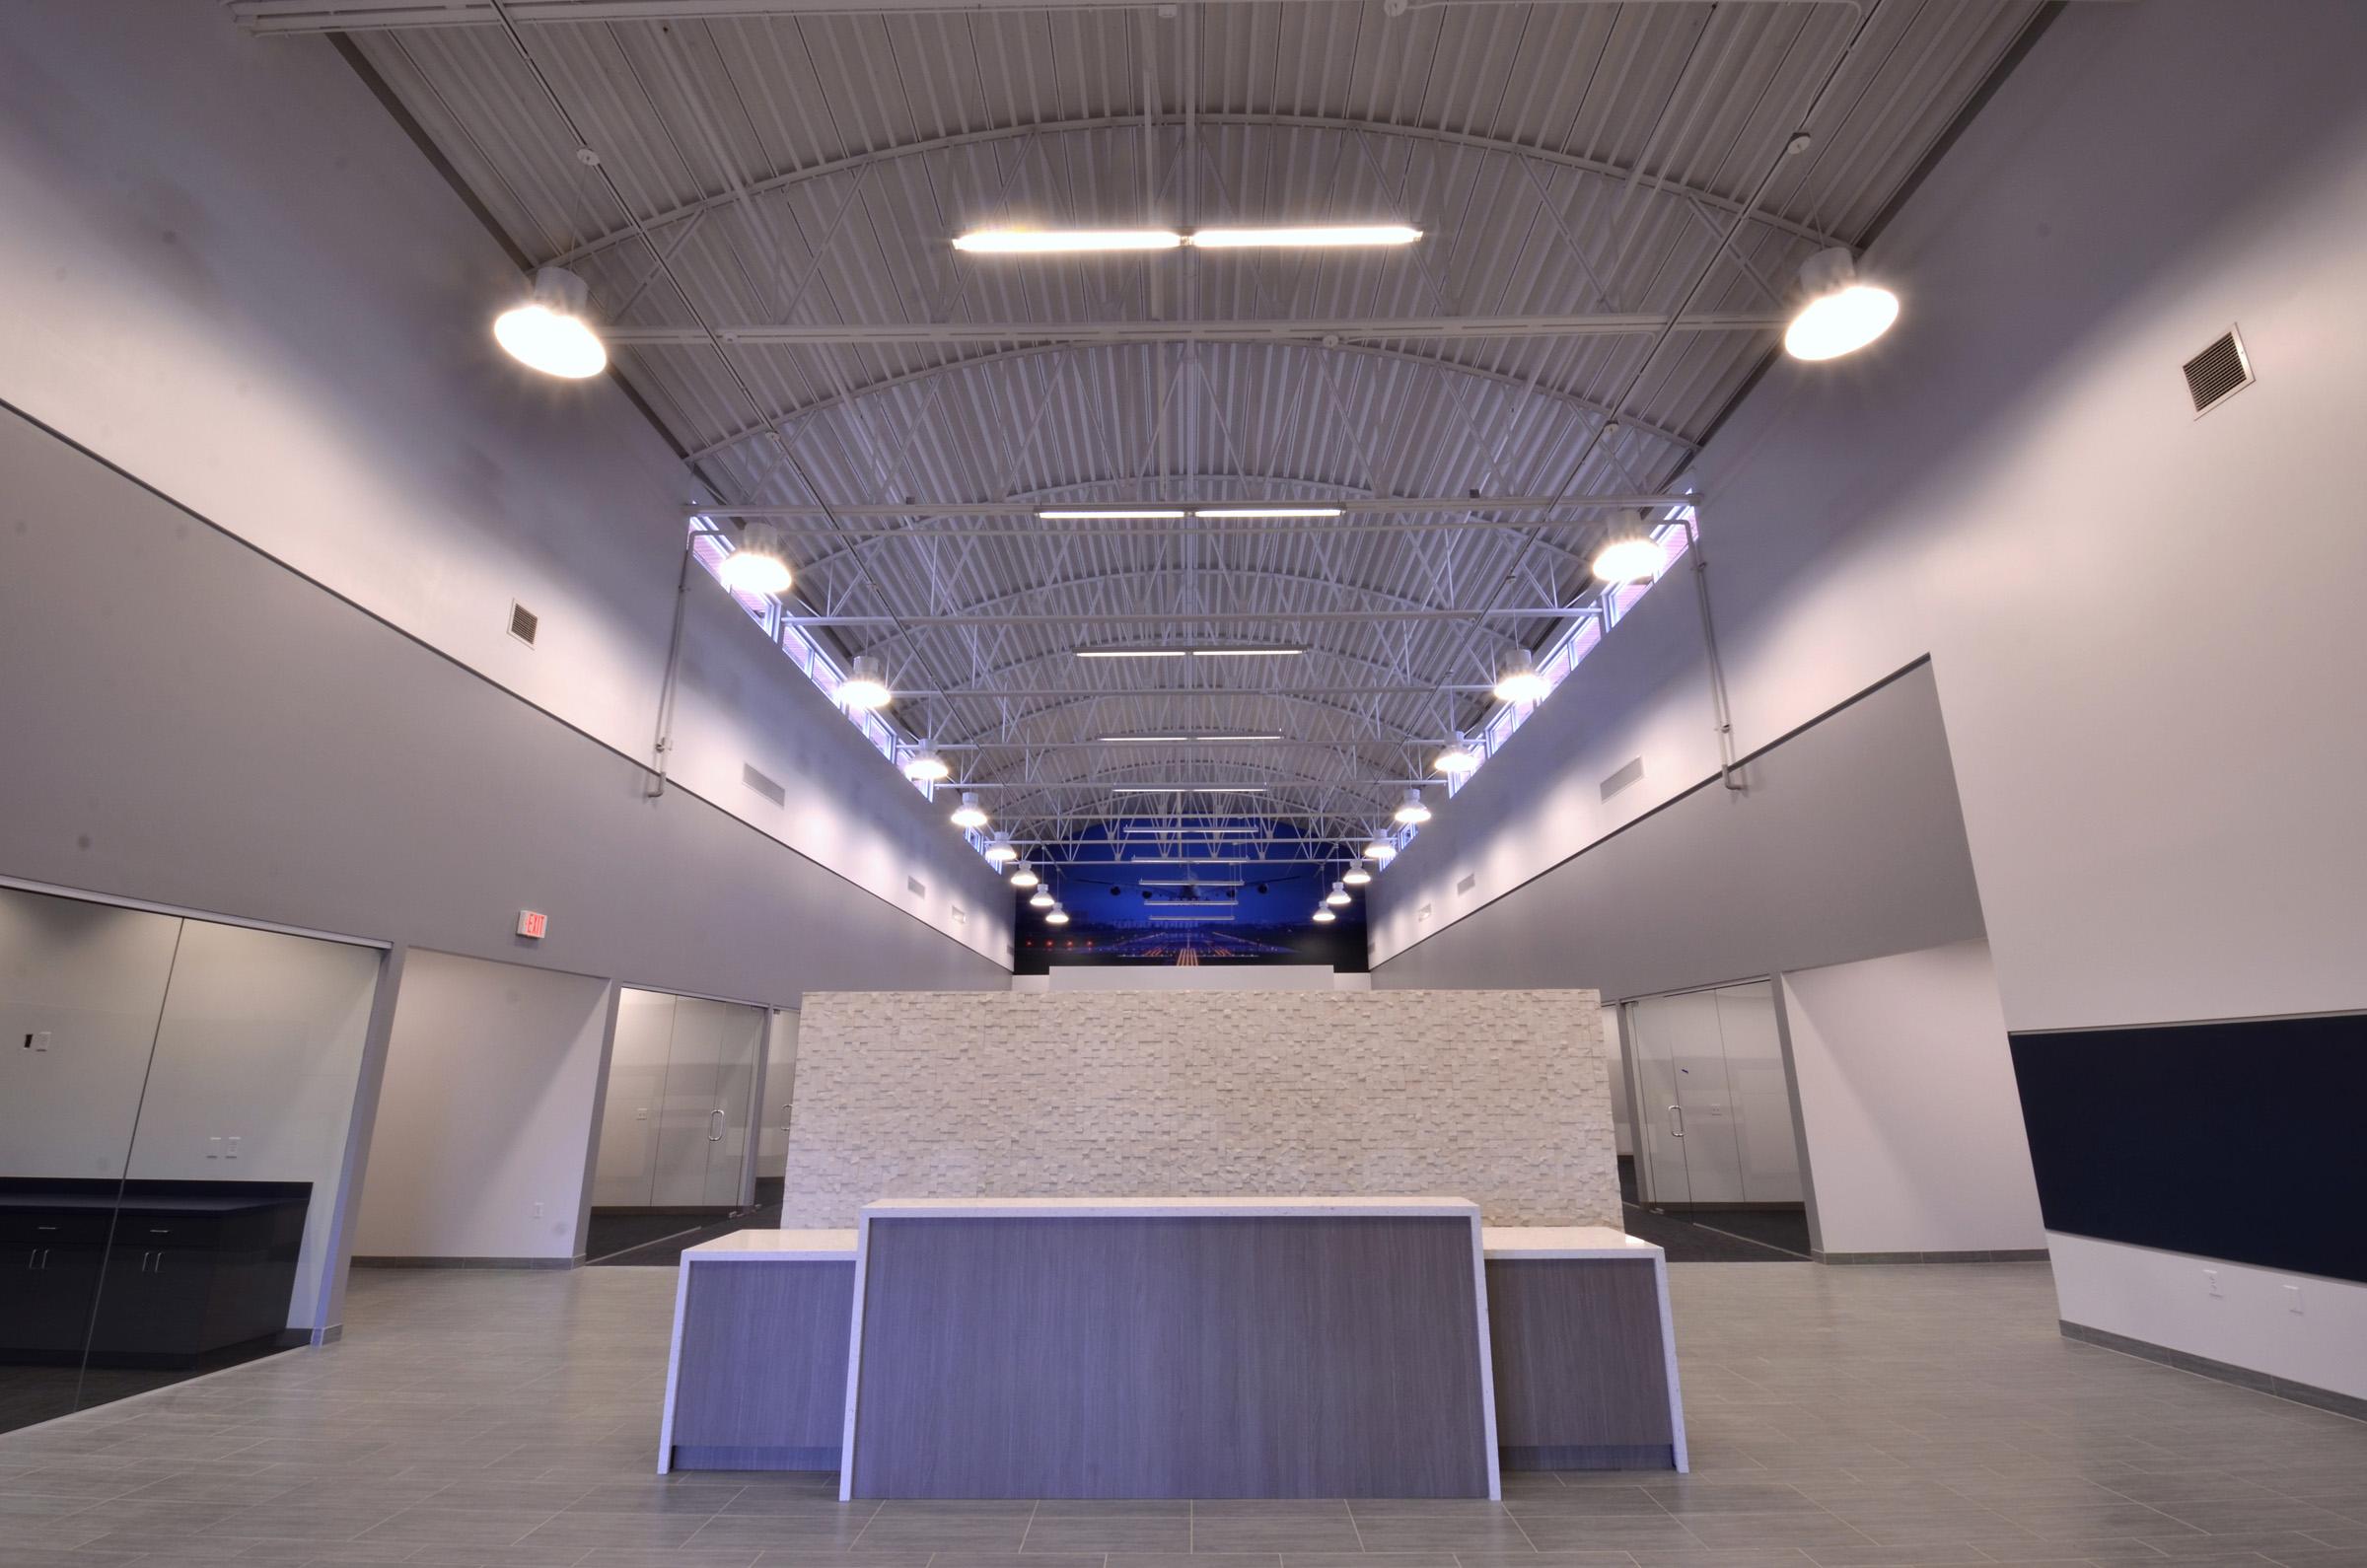 ATC Interior Exposed Structure